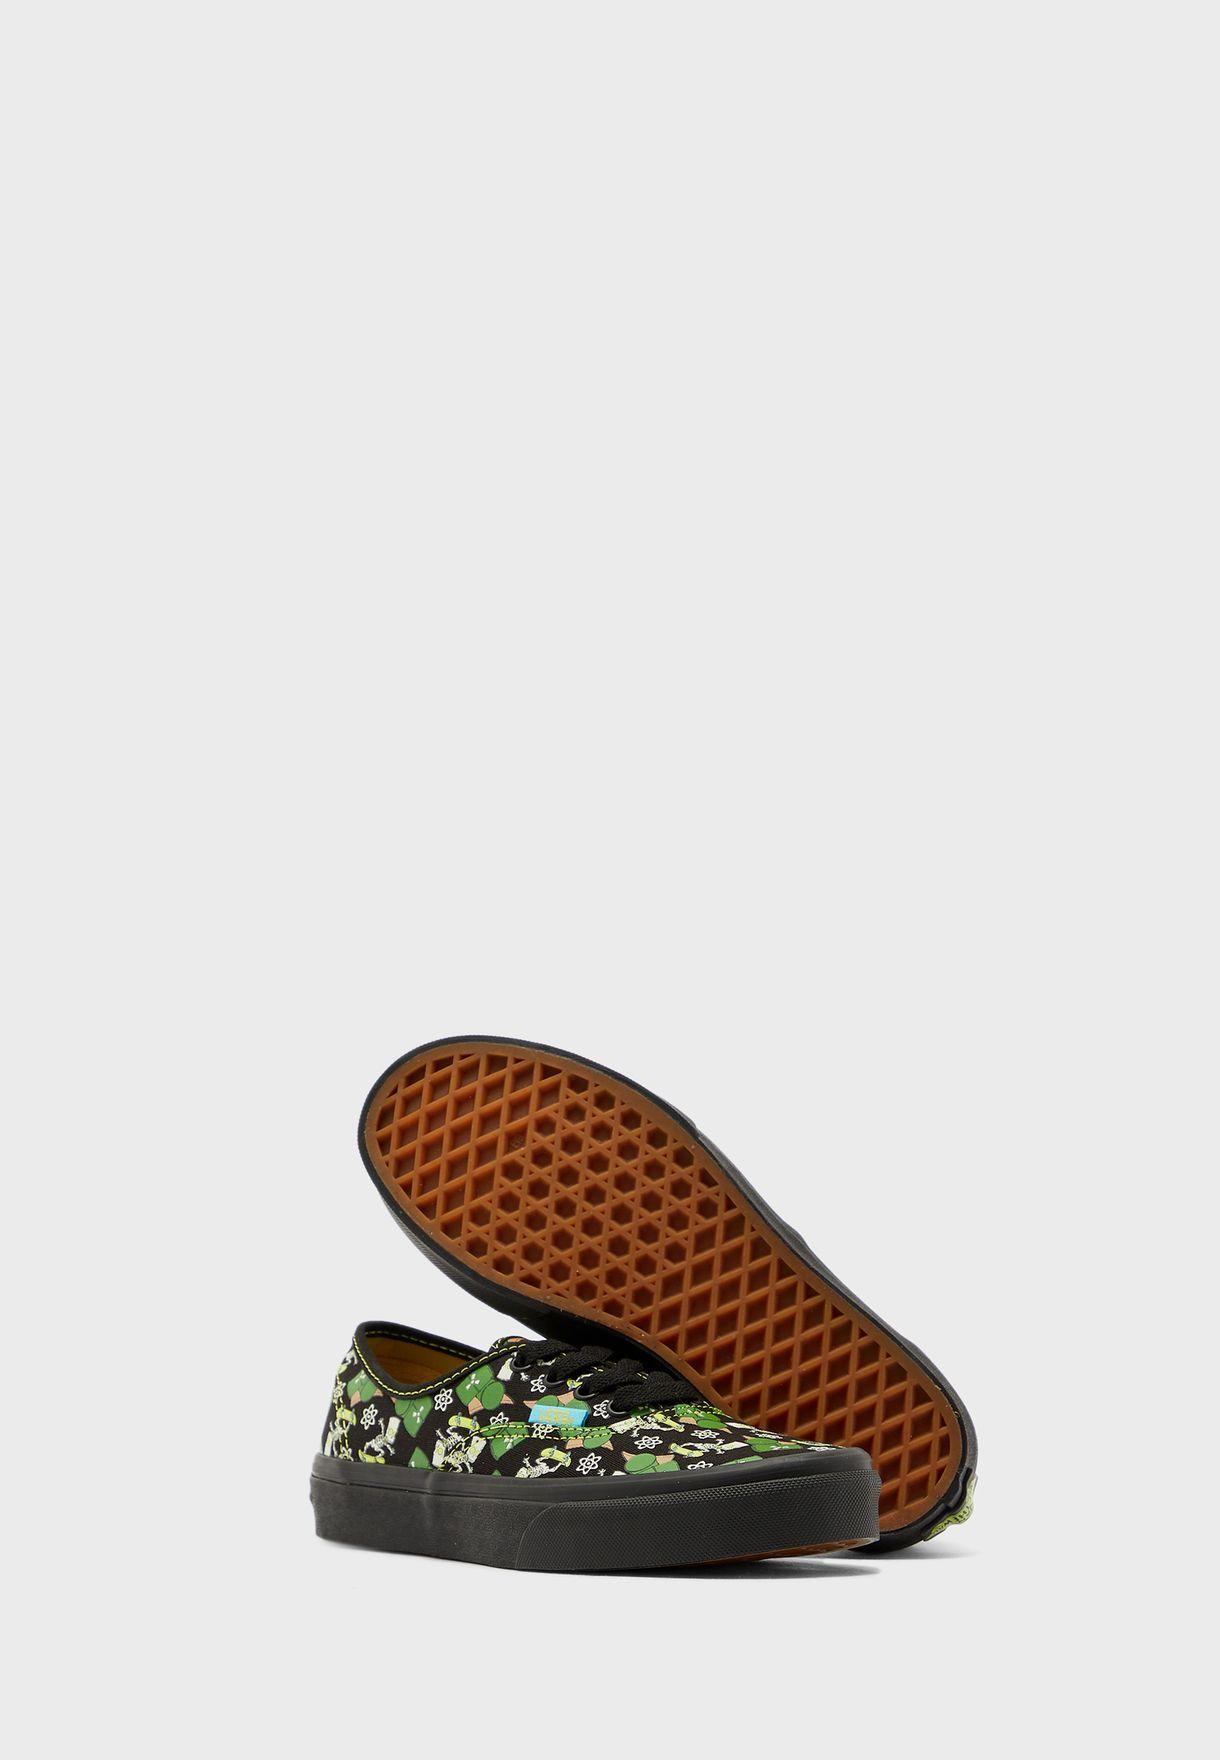 حذاء مطبع من مجموعة  ذا سيمبسونز فاملي